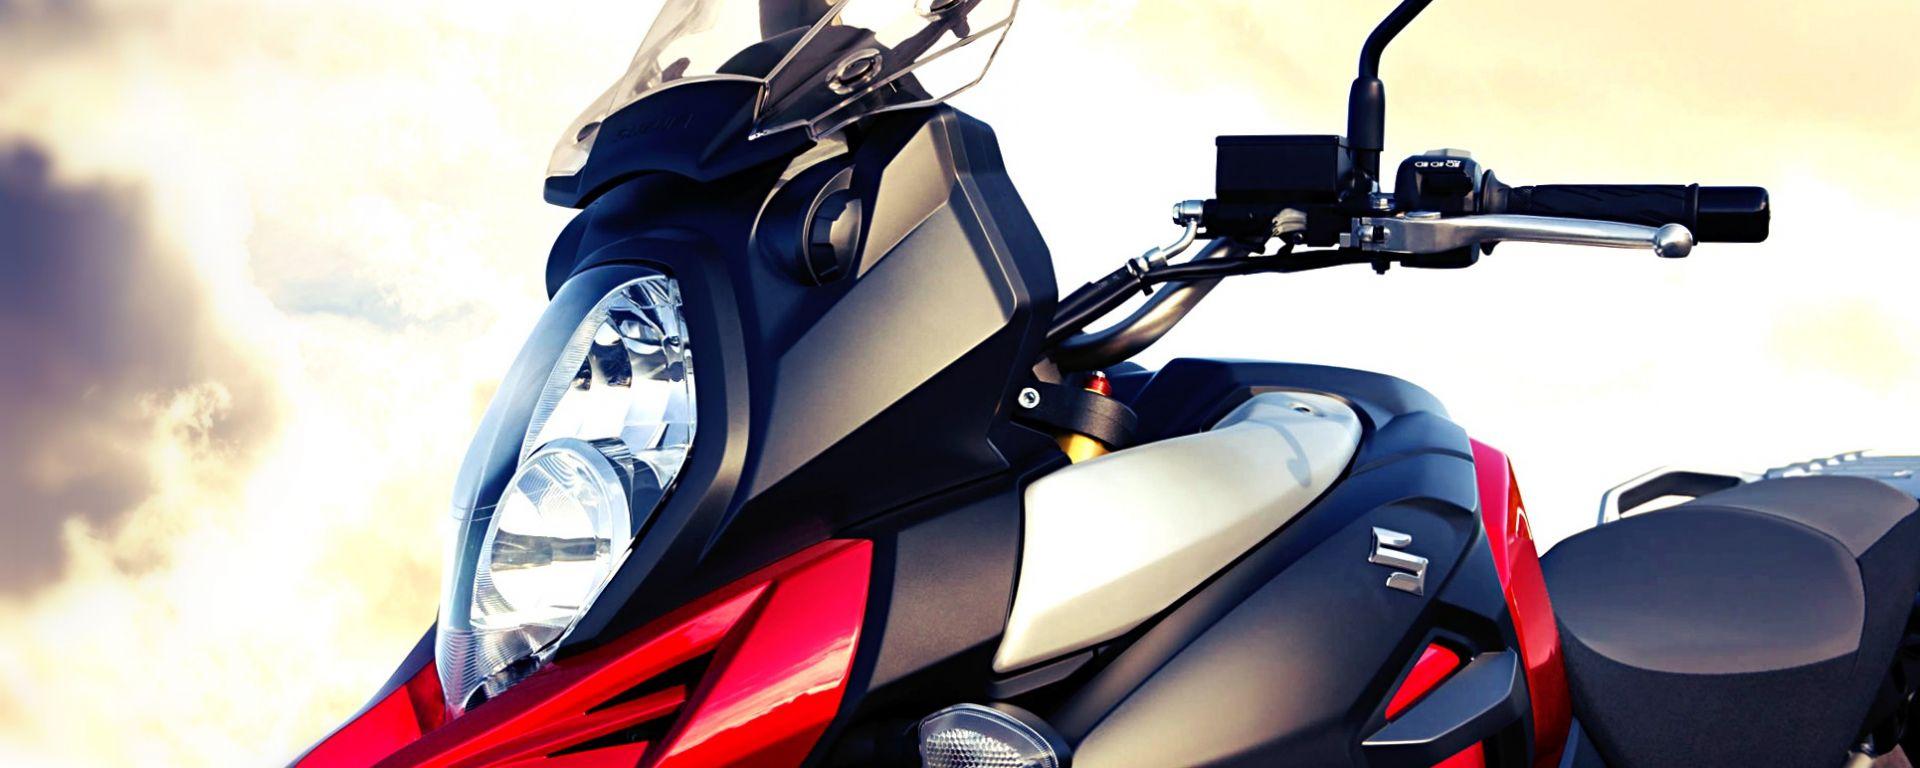 Suzuki V-Strom 1000 2014, le nuove informazioni